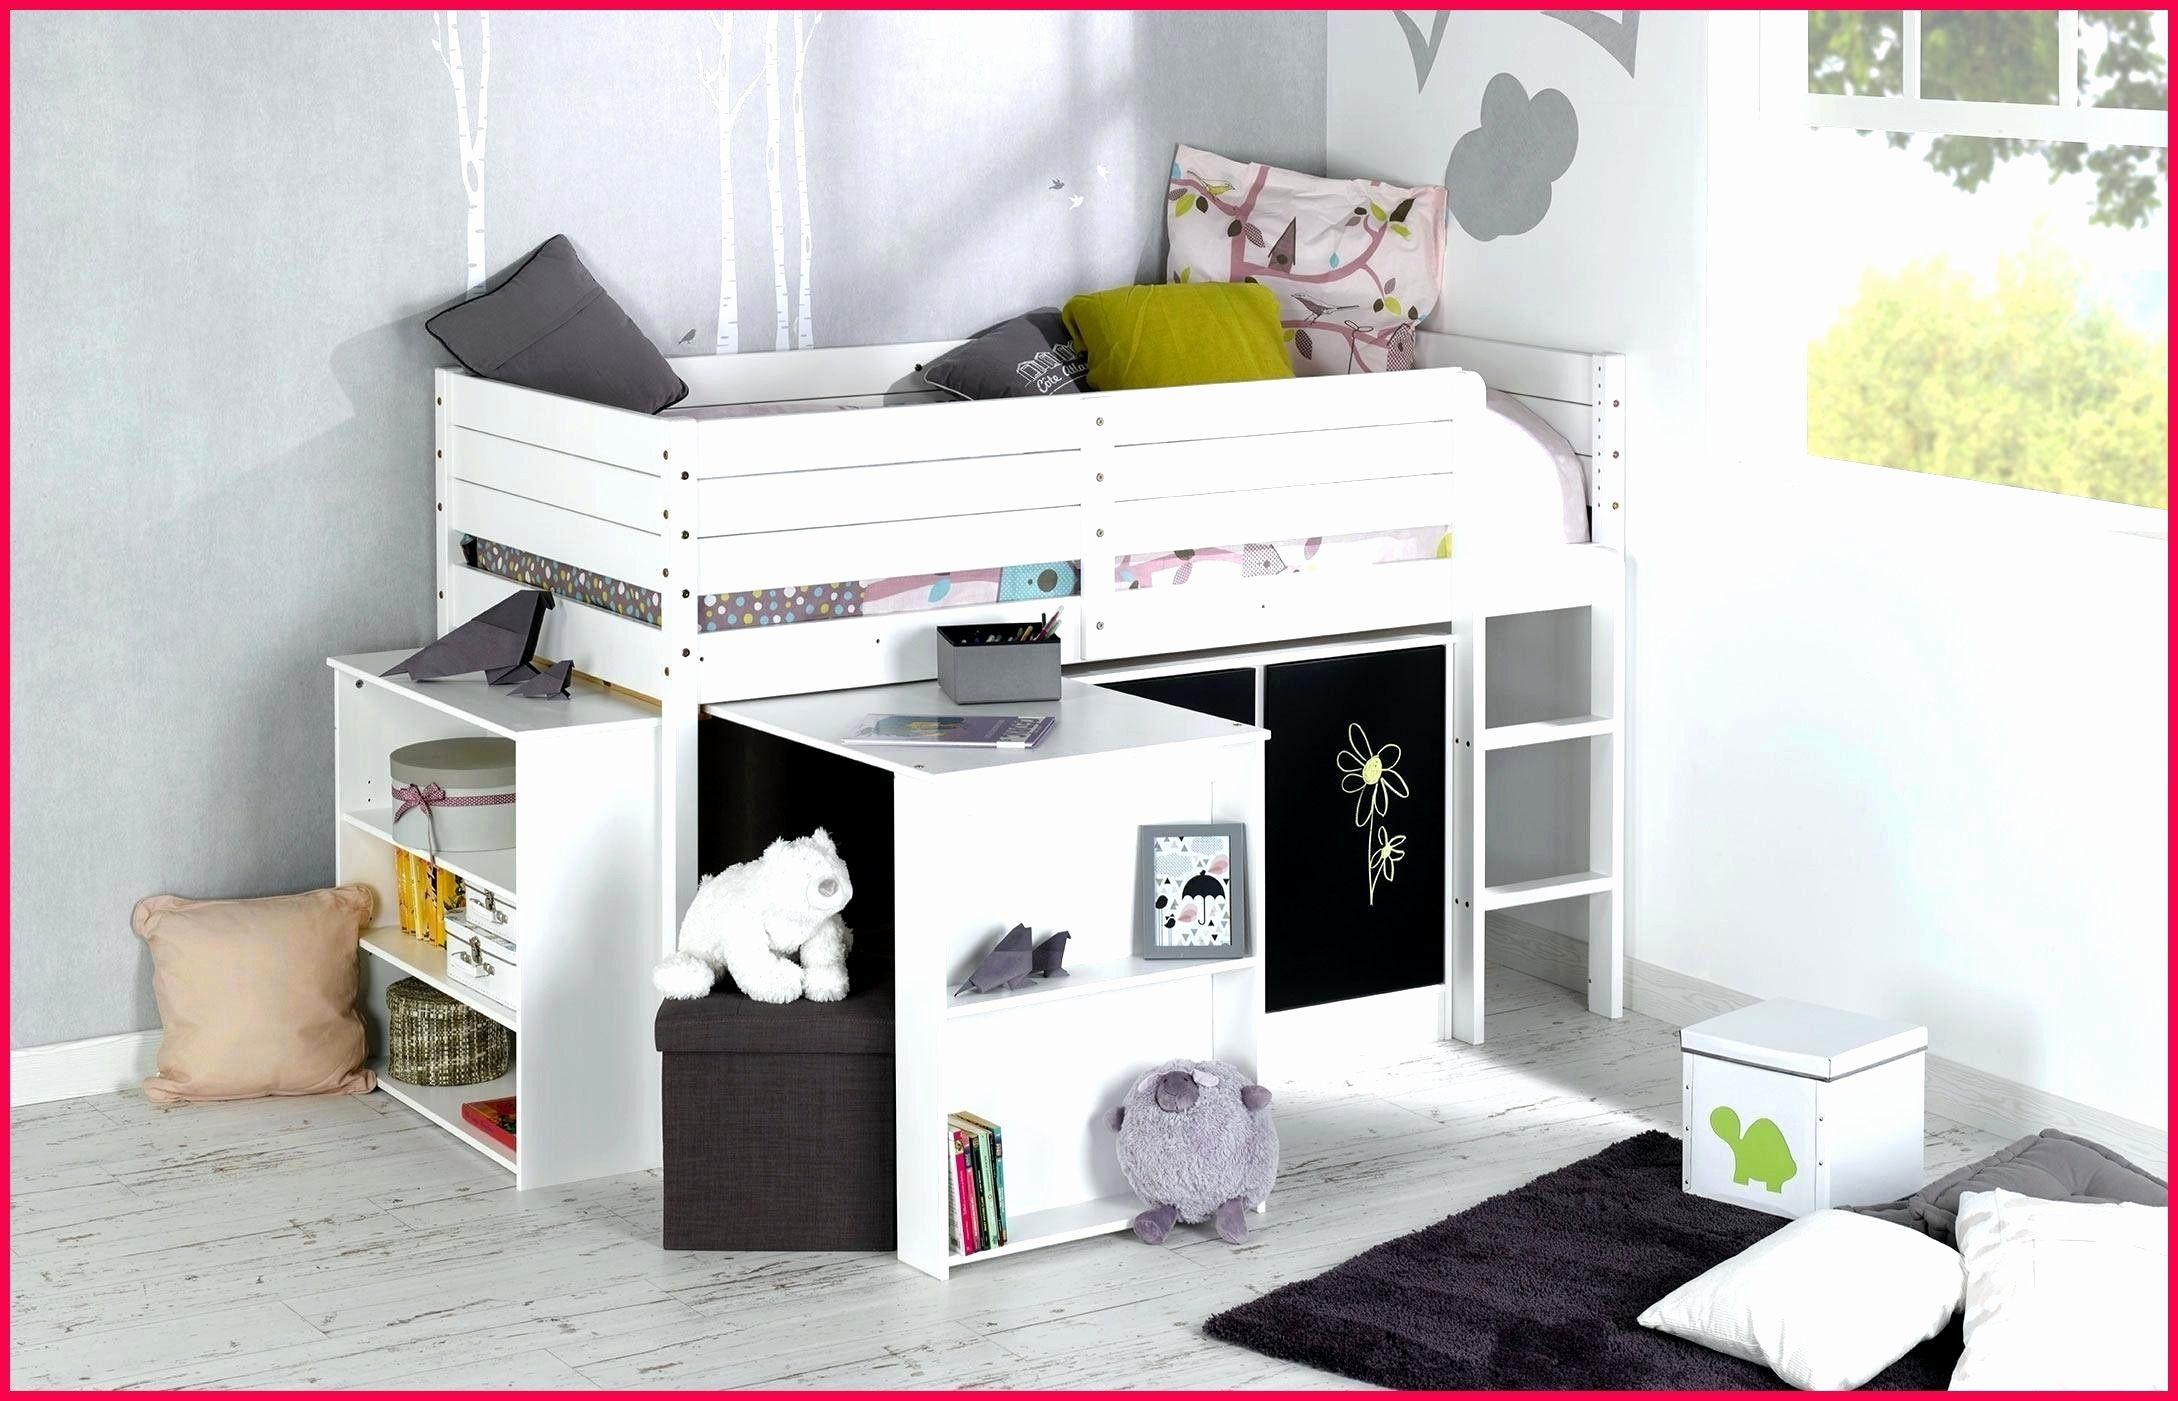 Tete De Lit 1 Place Meilleur De Lit Mezzanine 1 Place Blanc Unique Lit Mezzanine 3 Places Ikea